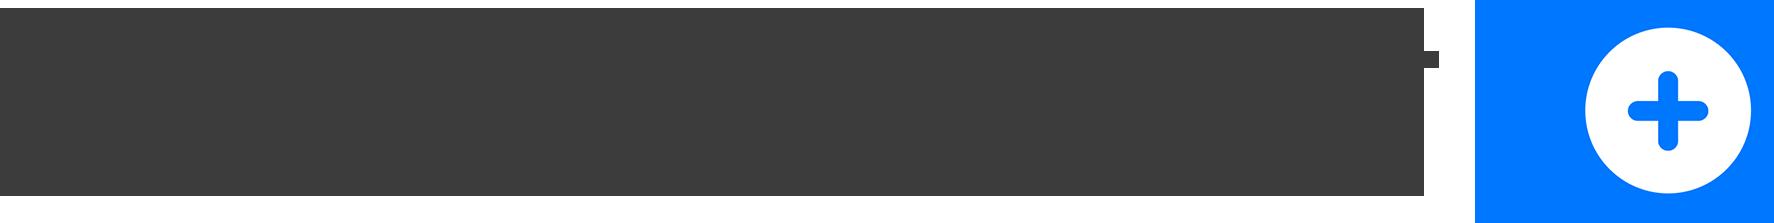 getproduct_logo